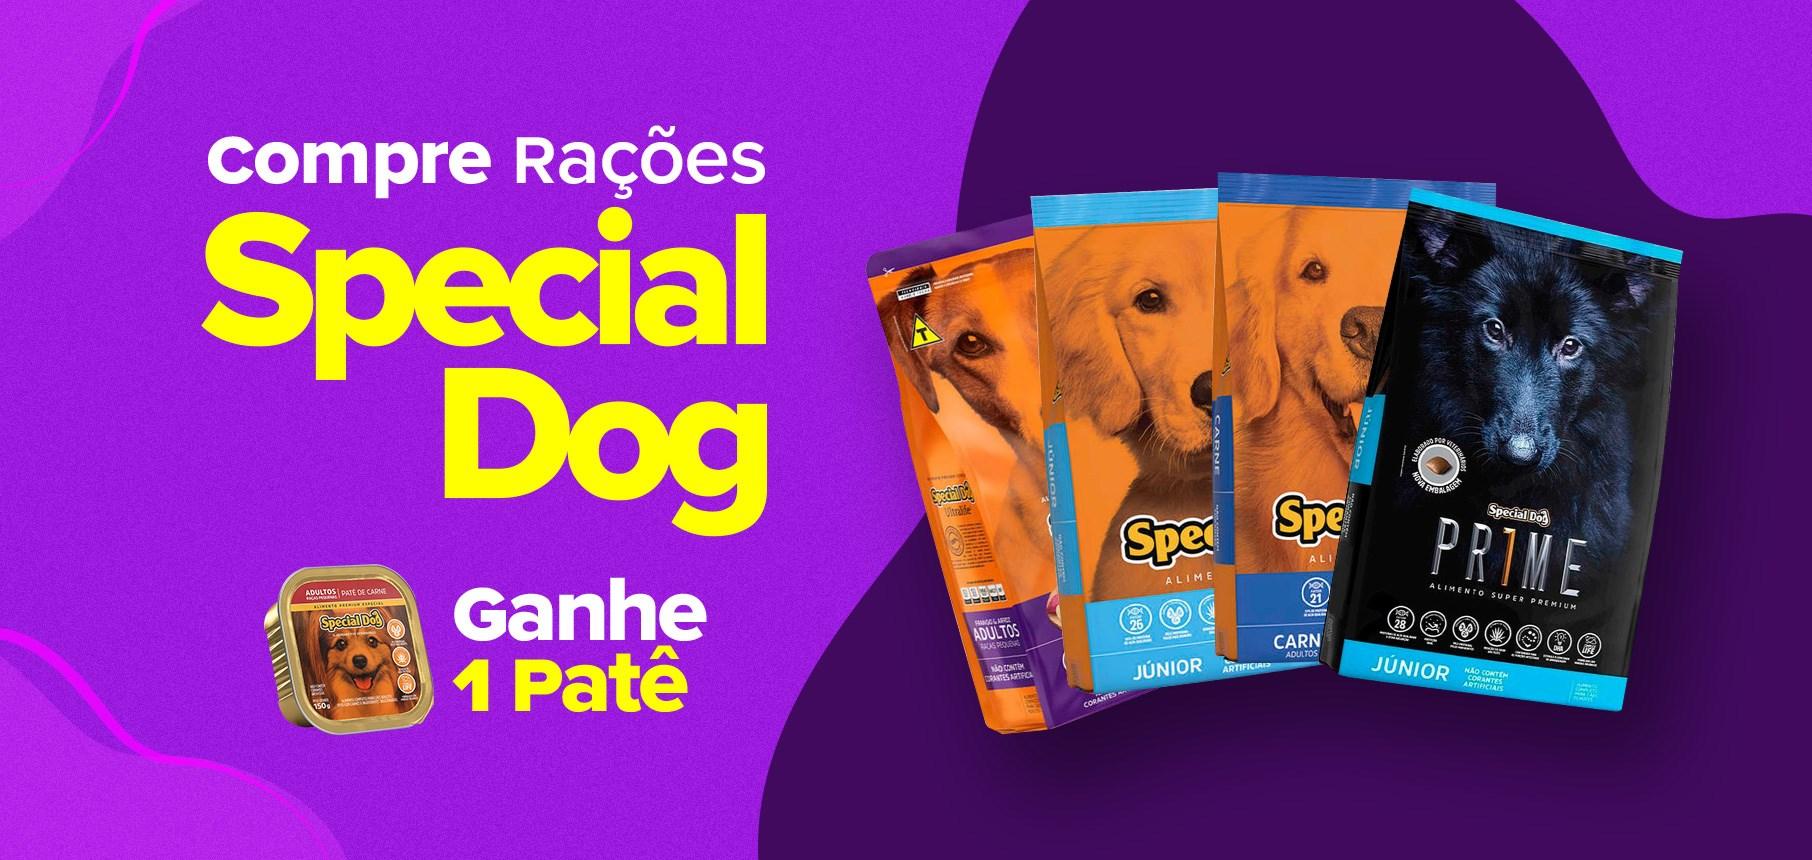 Compre ração Special Dog e ganhe 1 patê